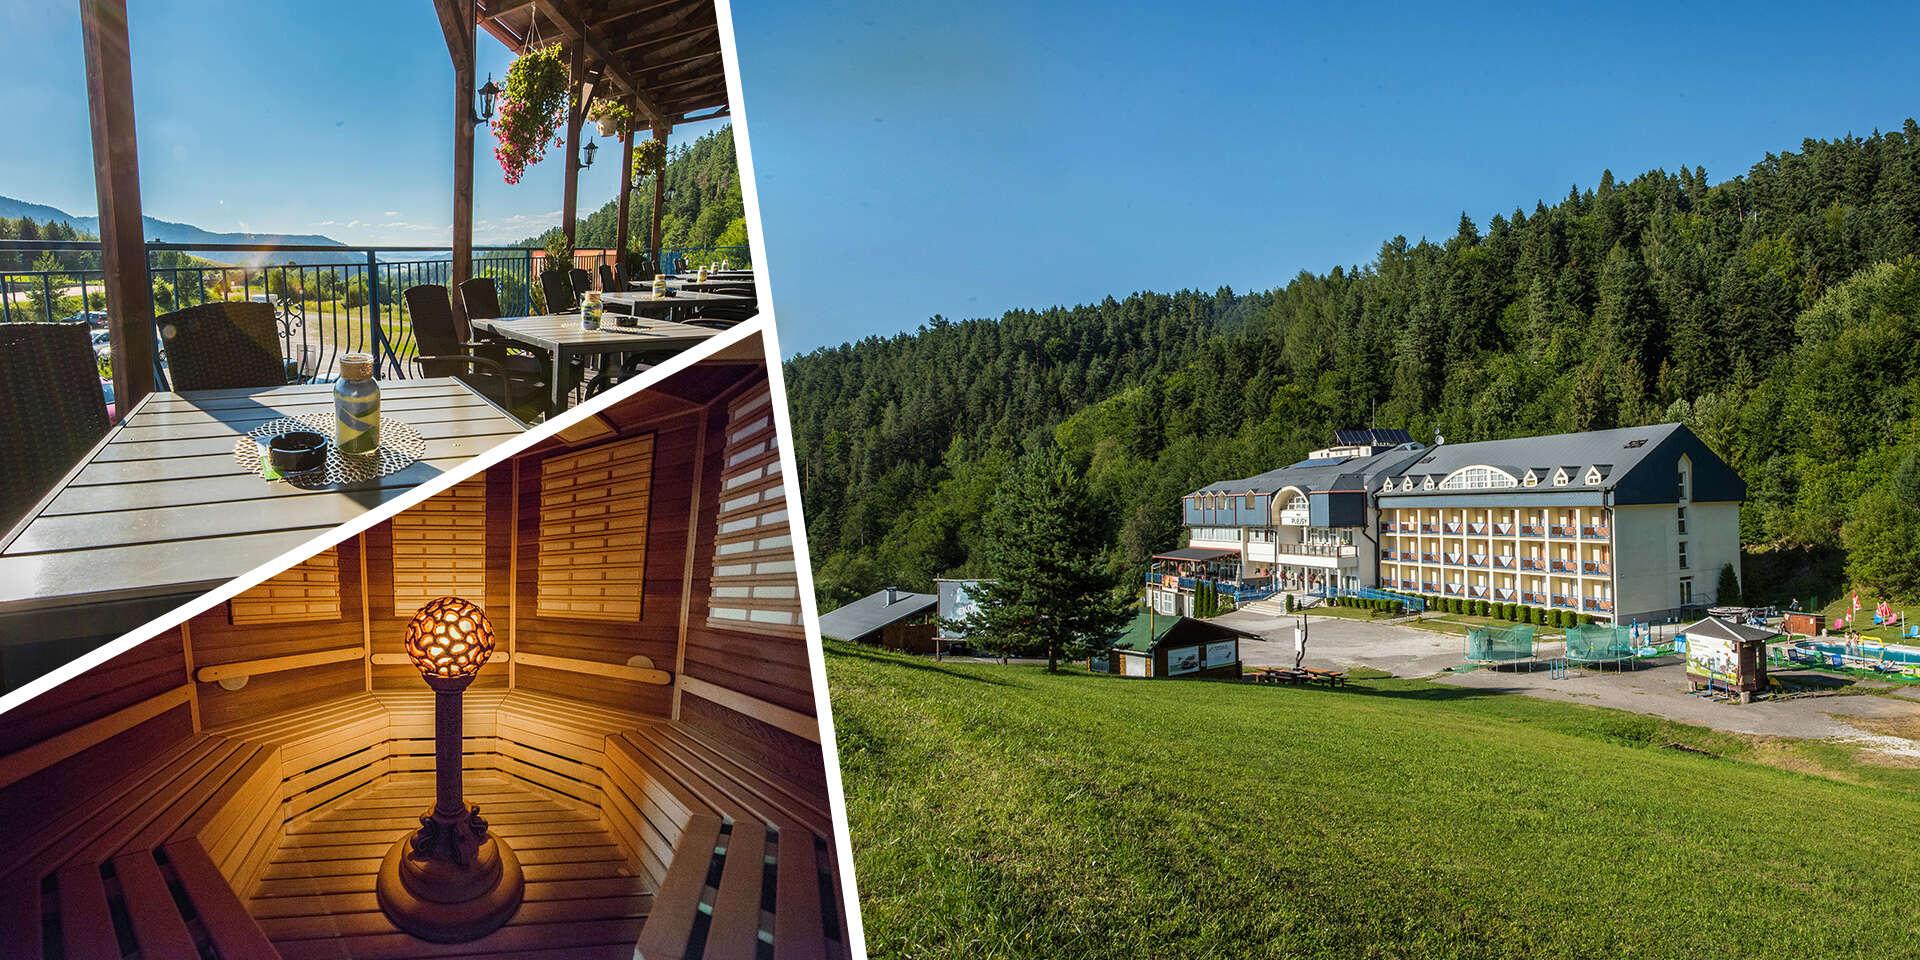 Last minute Plejsy Spa & Fun Resort***: Objavte krásy čarovného Spiša a k tomu wellness a polpenzia